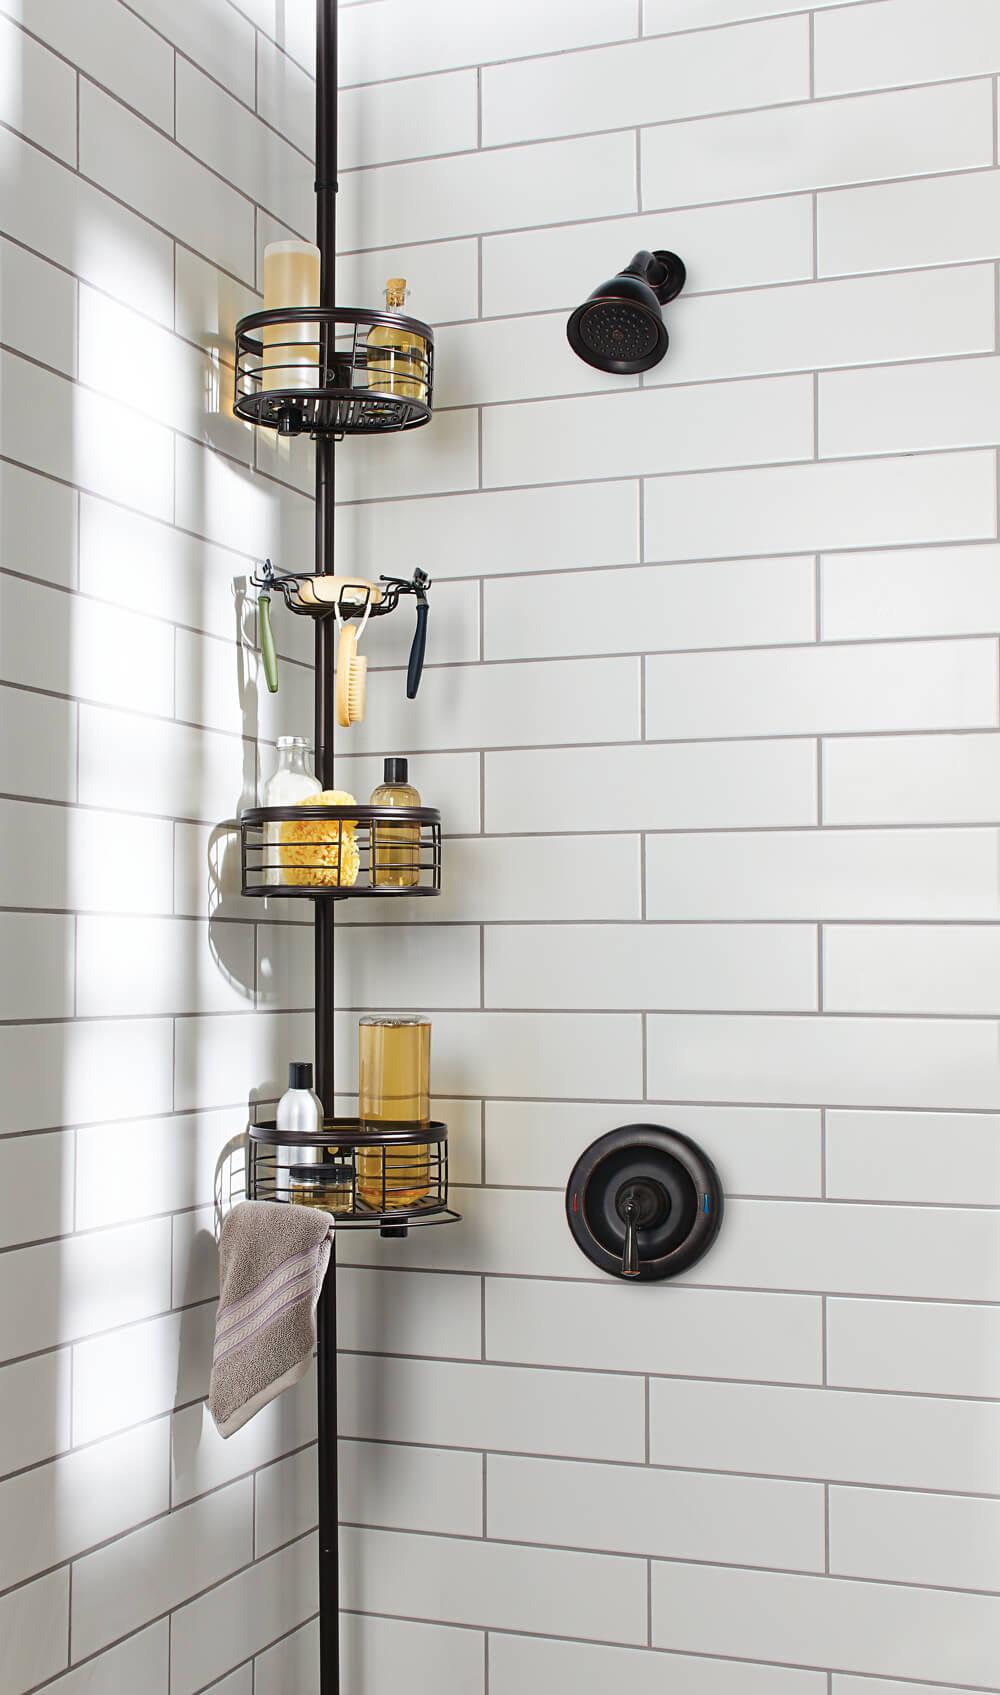 Bathroom storage tension pole shower caddy